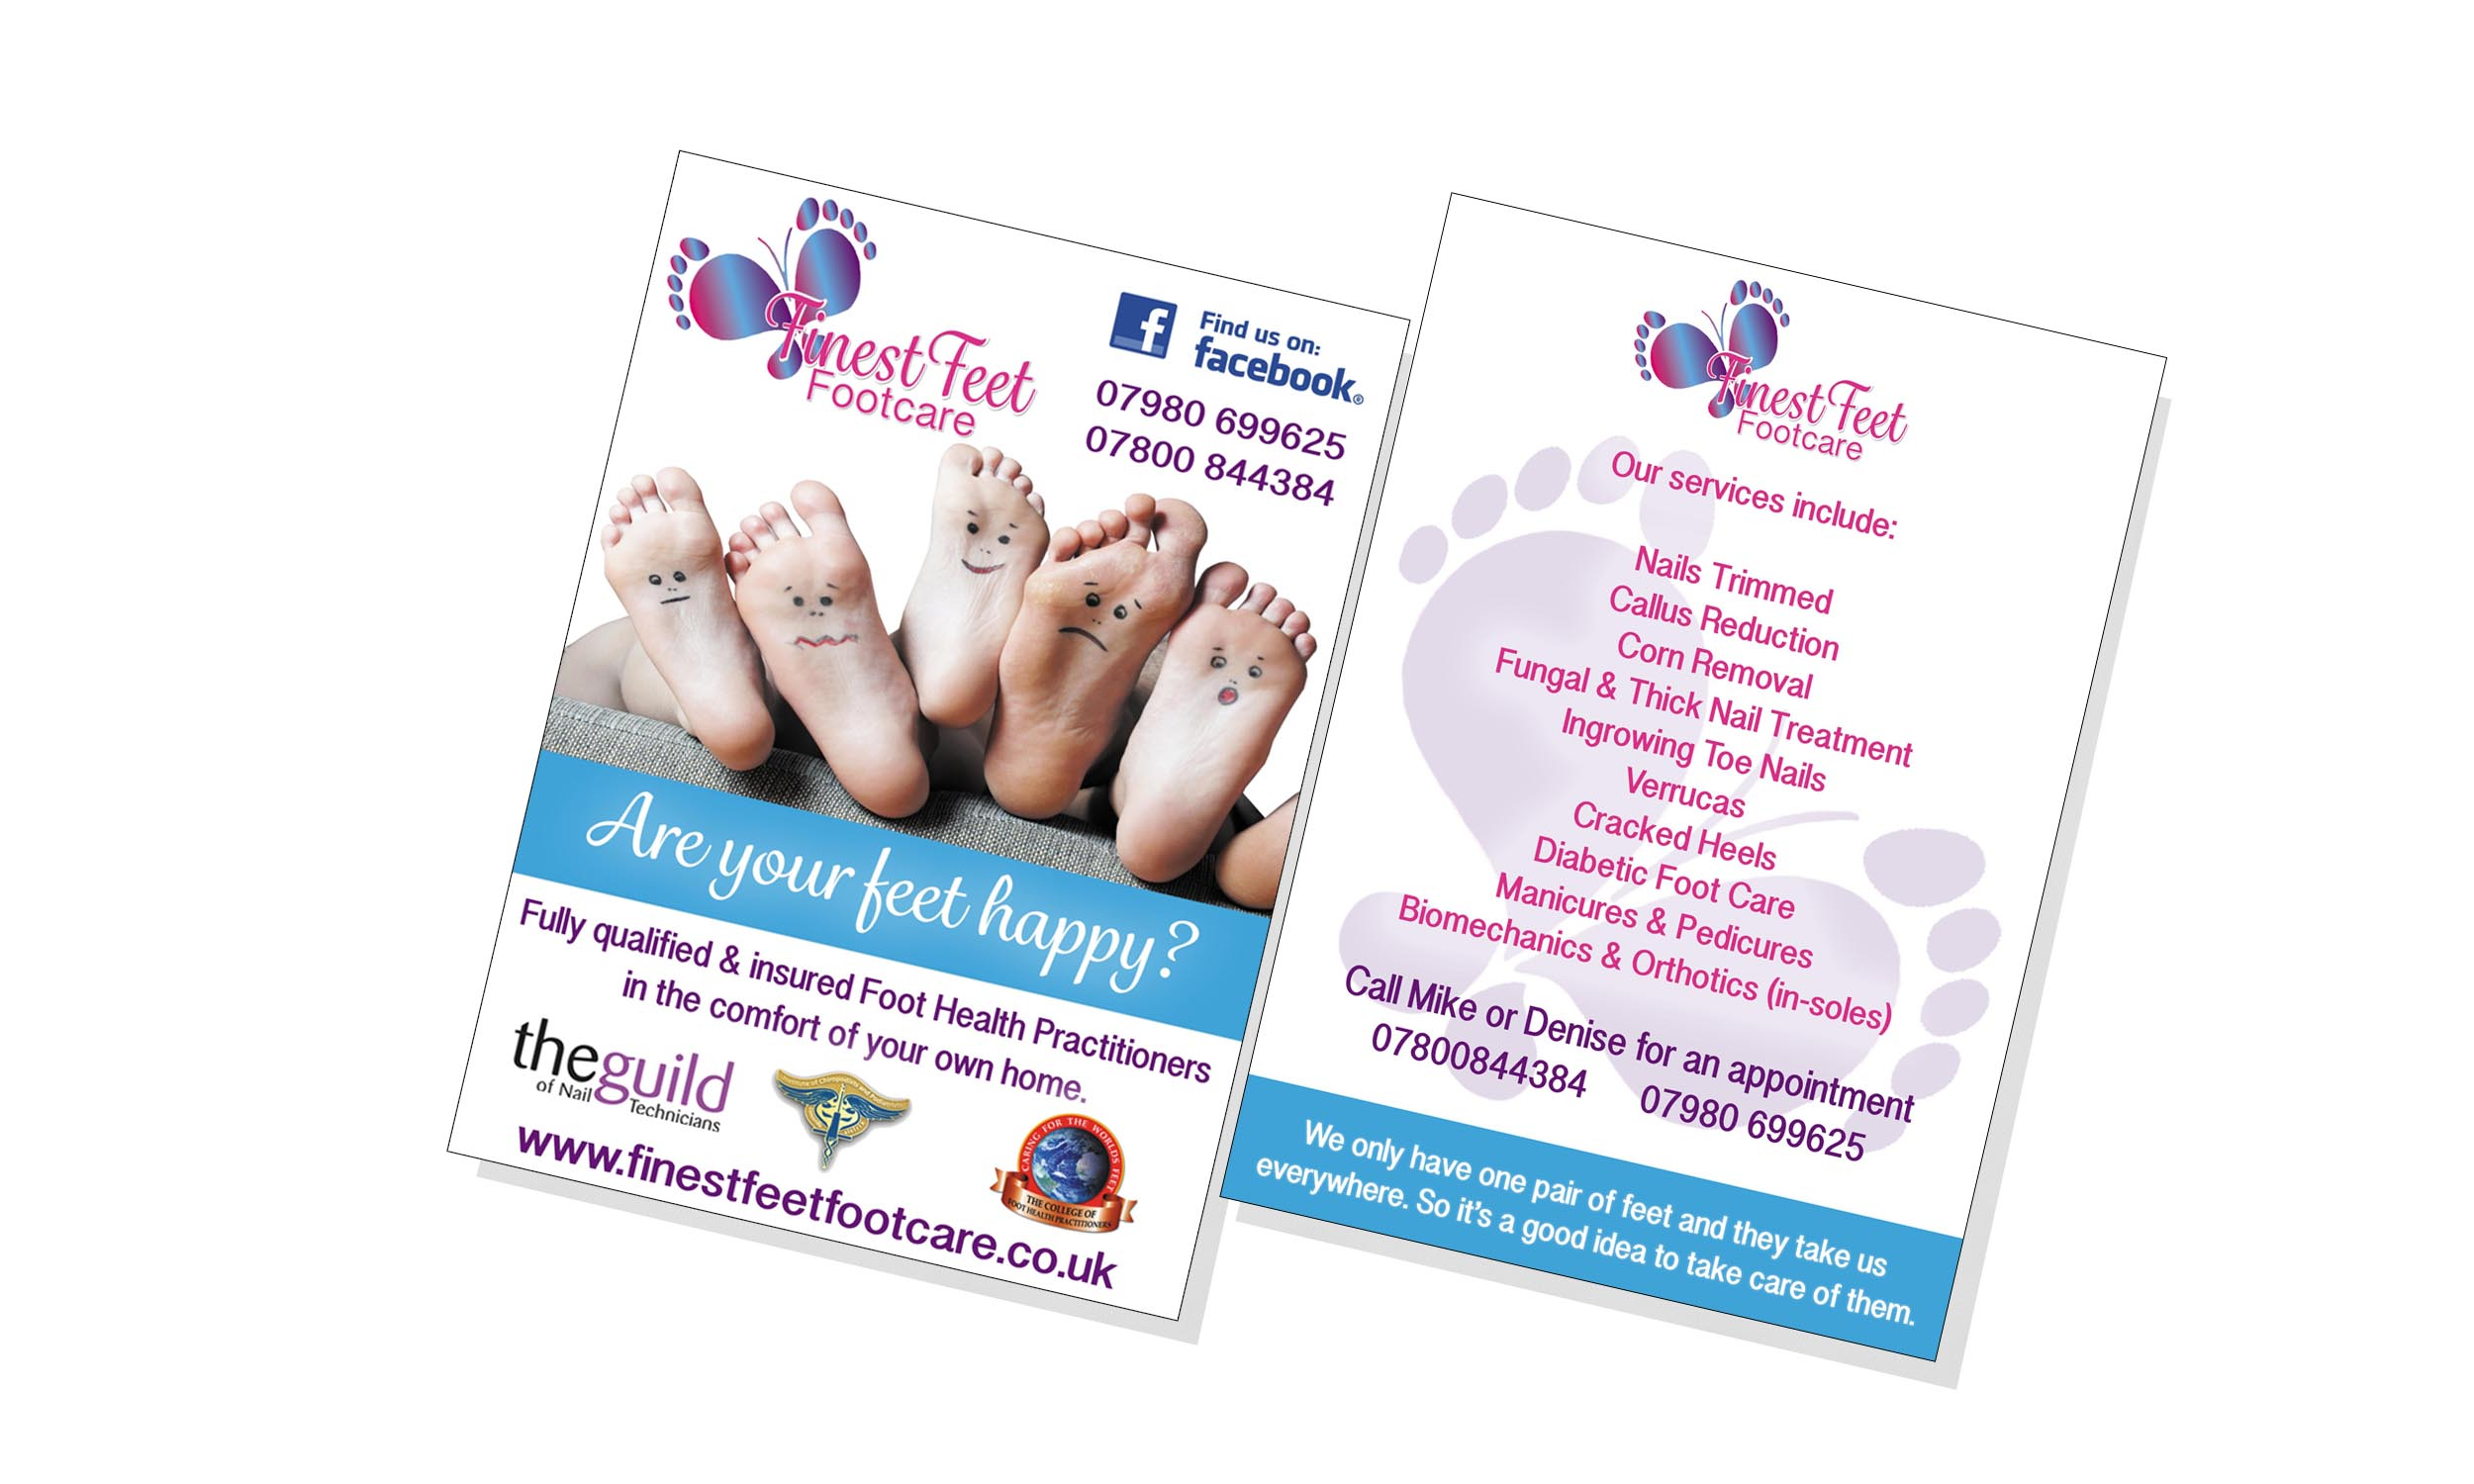 Finest Feet Footcare Leaflet